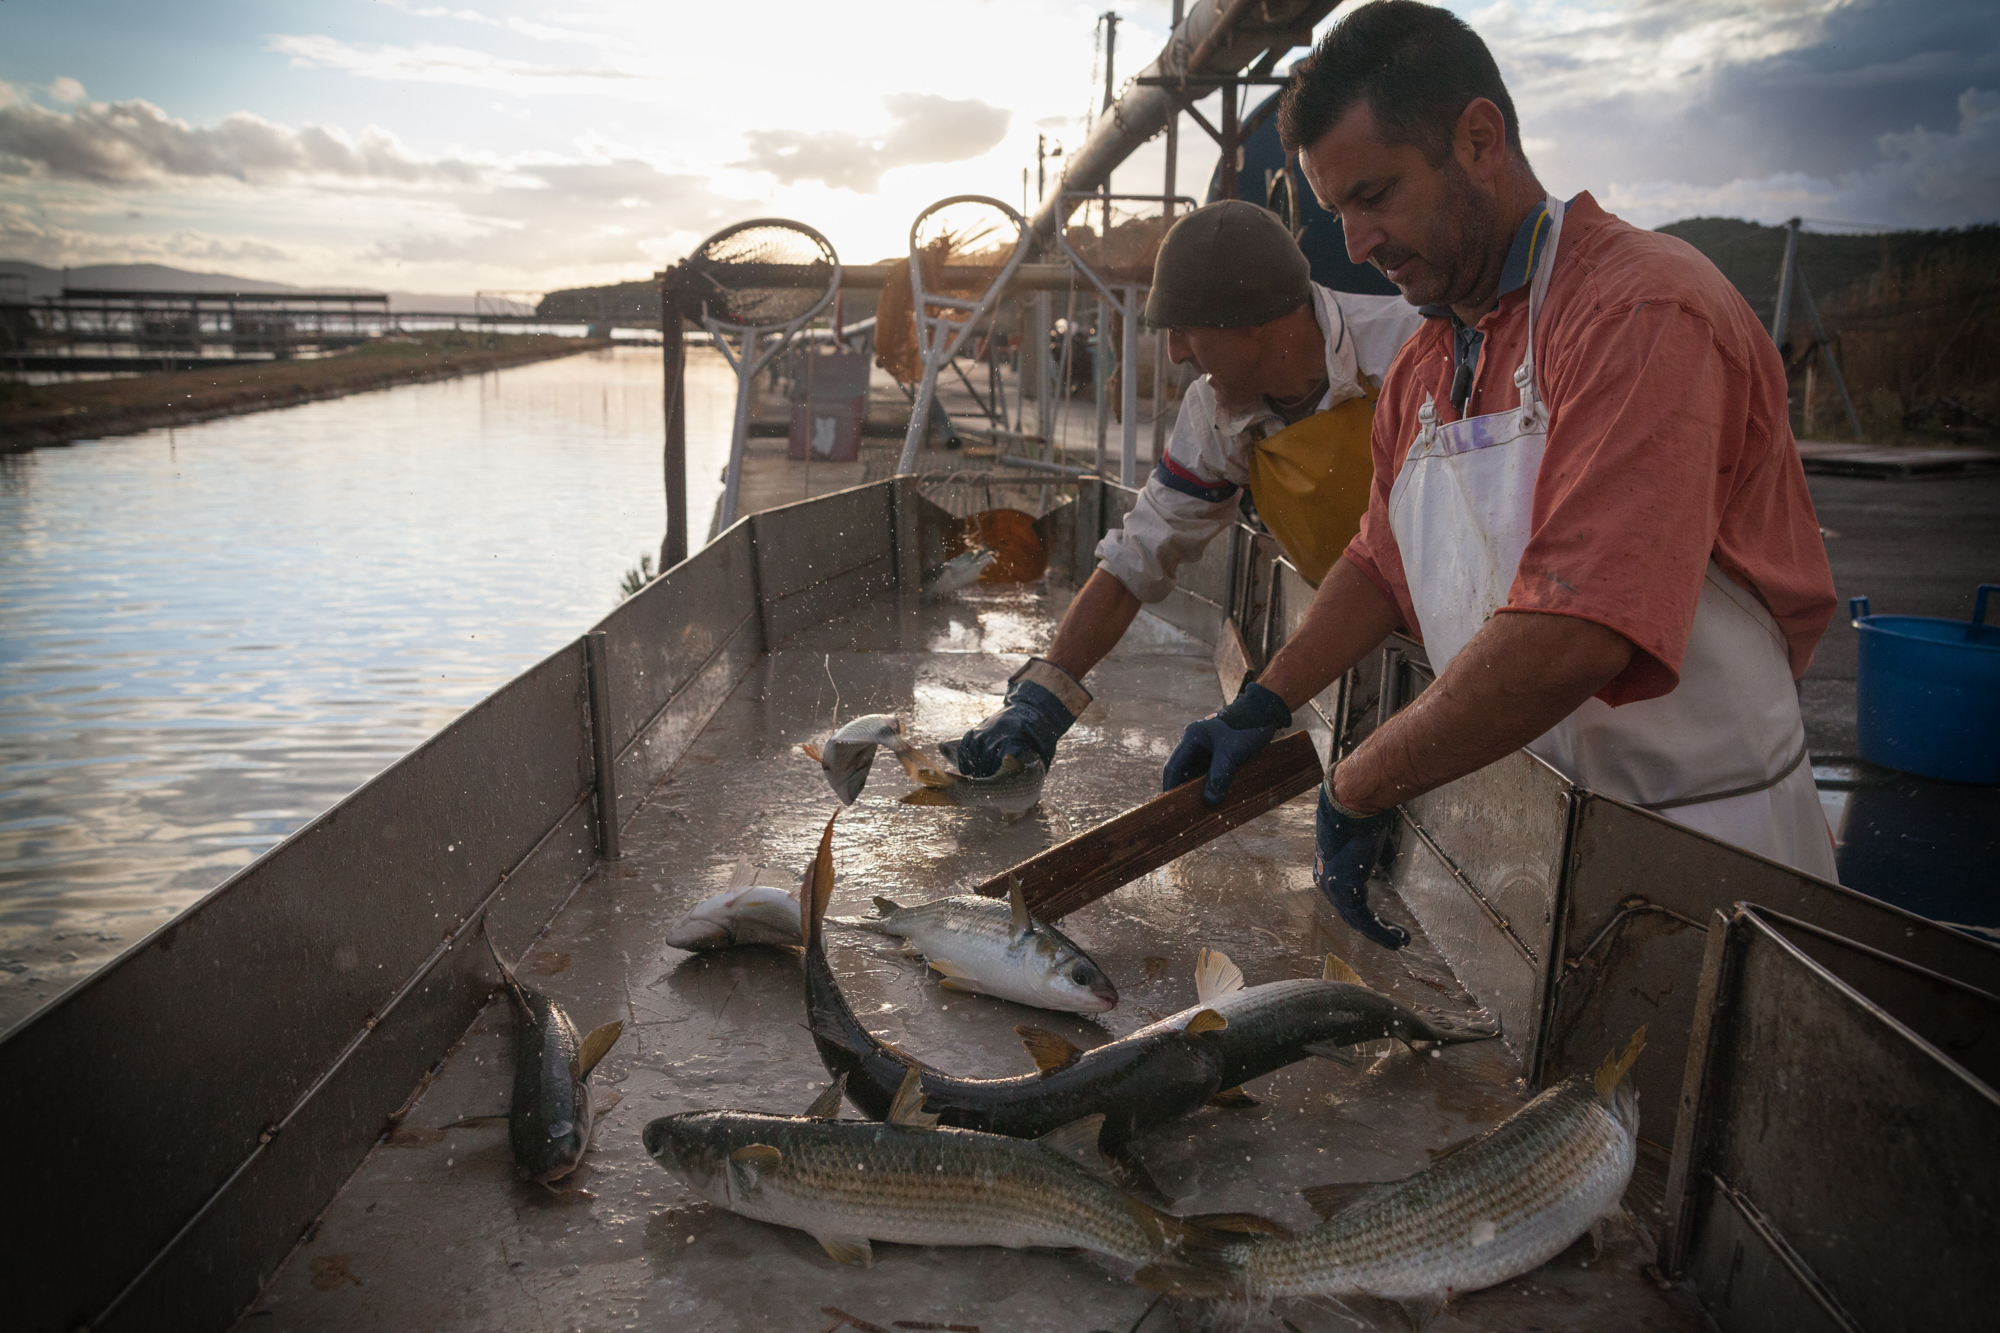 Selezione del pesce, Santa Liberata, Orbetello (Grosseto), 2015. Dopo la cattura, il pesce viene selezionato per genere e dimensione e i pesci sotto taglia , non ancora adatti alla commercializzazione, vengono liberati in laguna. I pescatori vorrebbero che il S.I.N. venisse bonificato per migliorare la qualità del loro pesce.